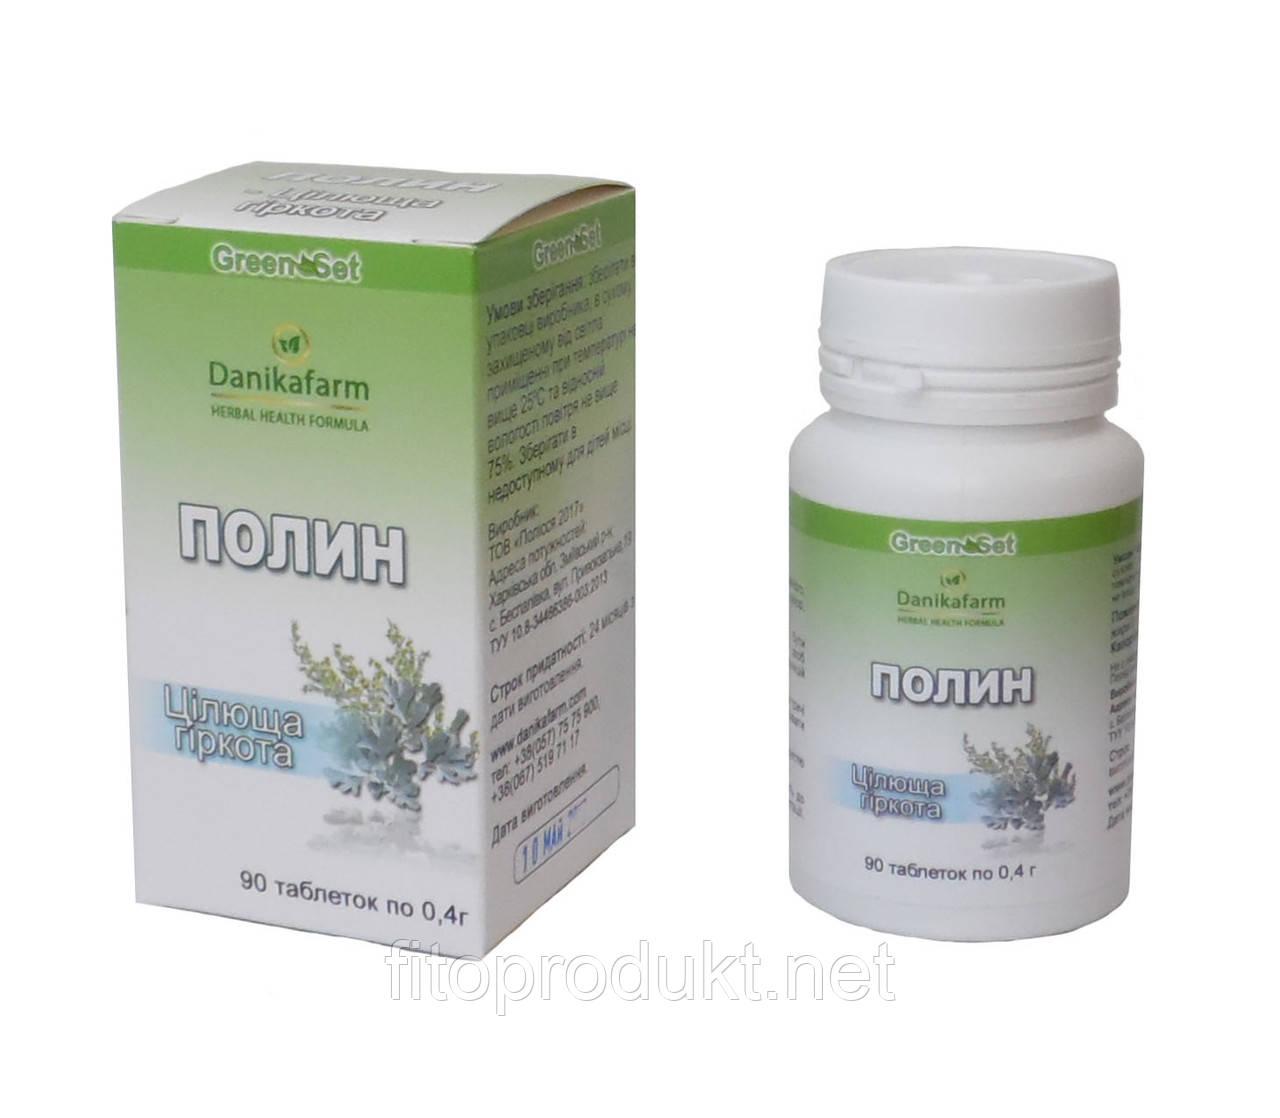 Полин цілюща гіркоту стимулює життєдіяльність організму 90 таблеток Даникафарм